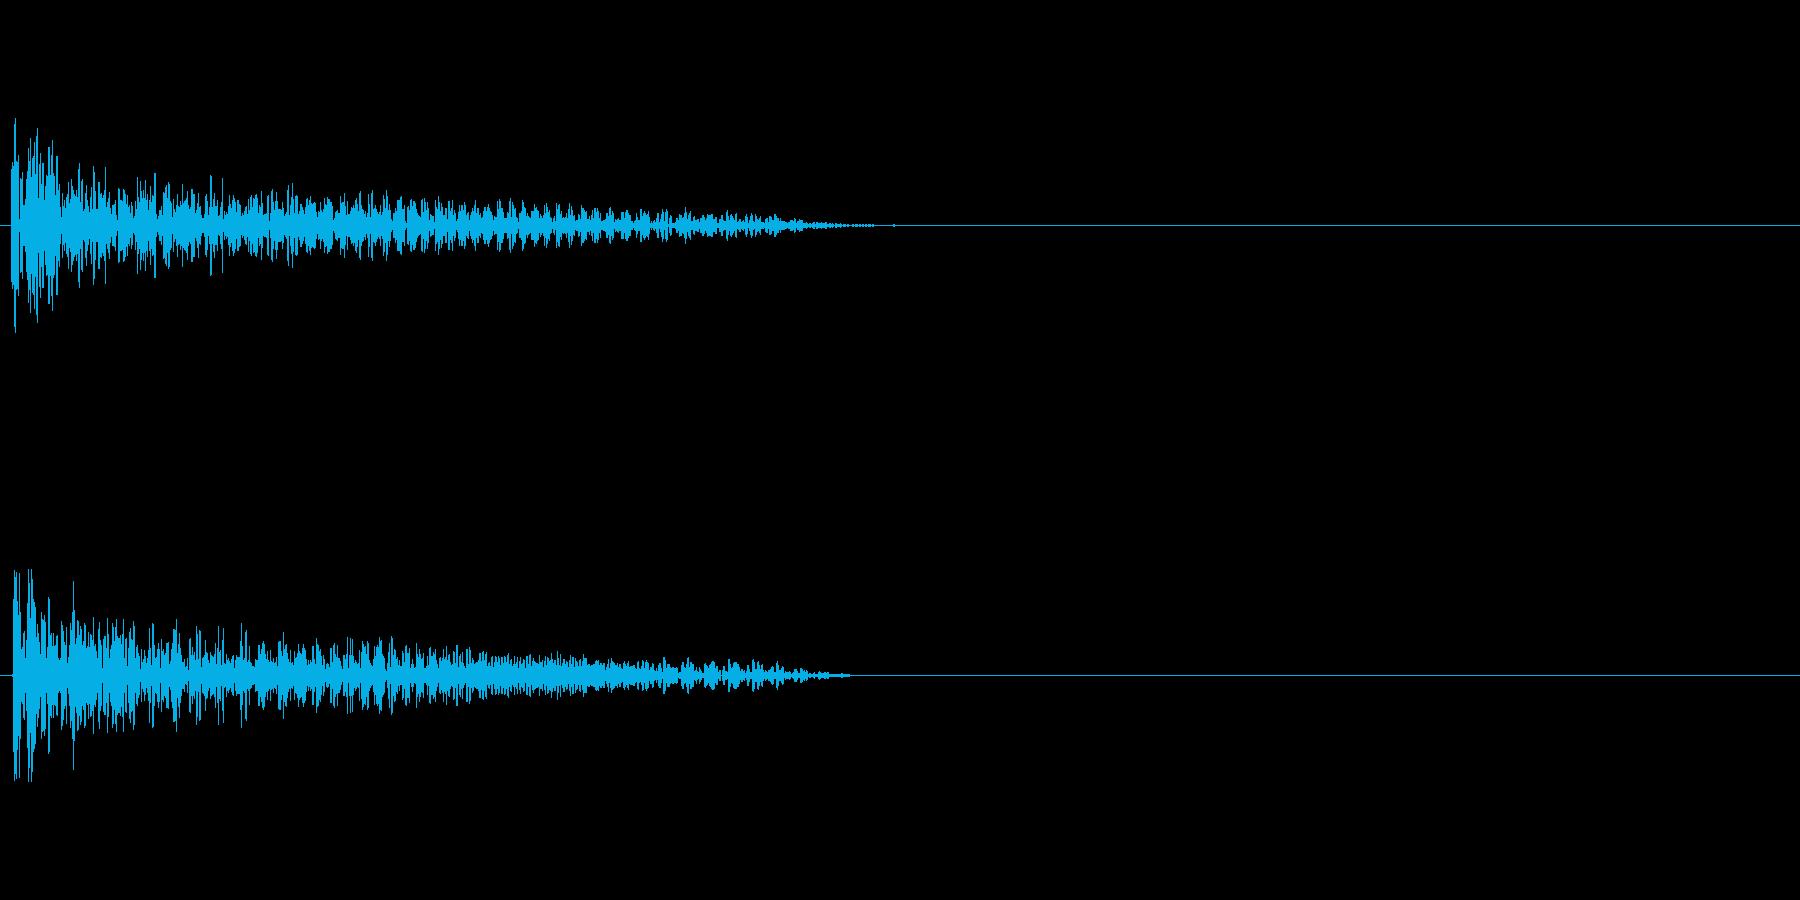 【衝撃02-2】の再生済みの波形